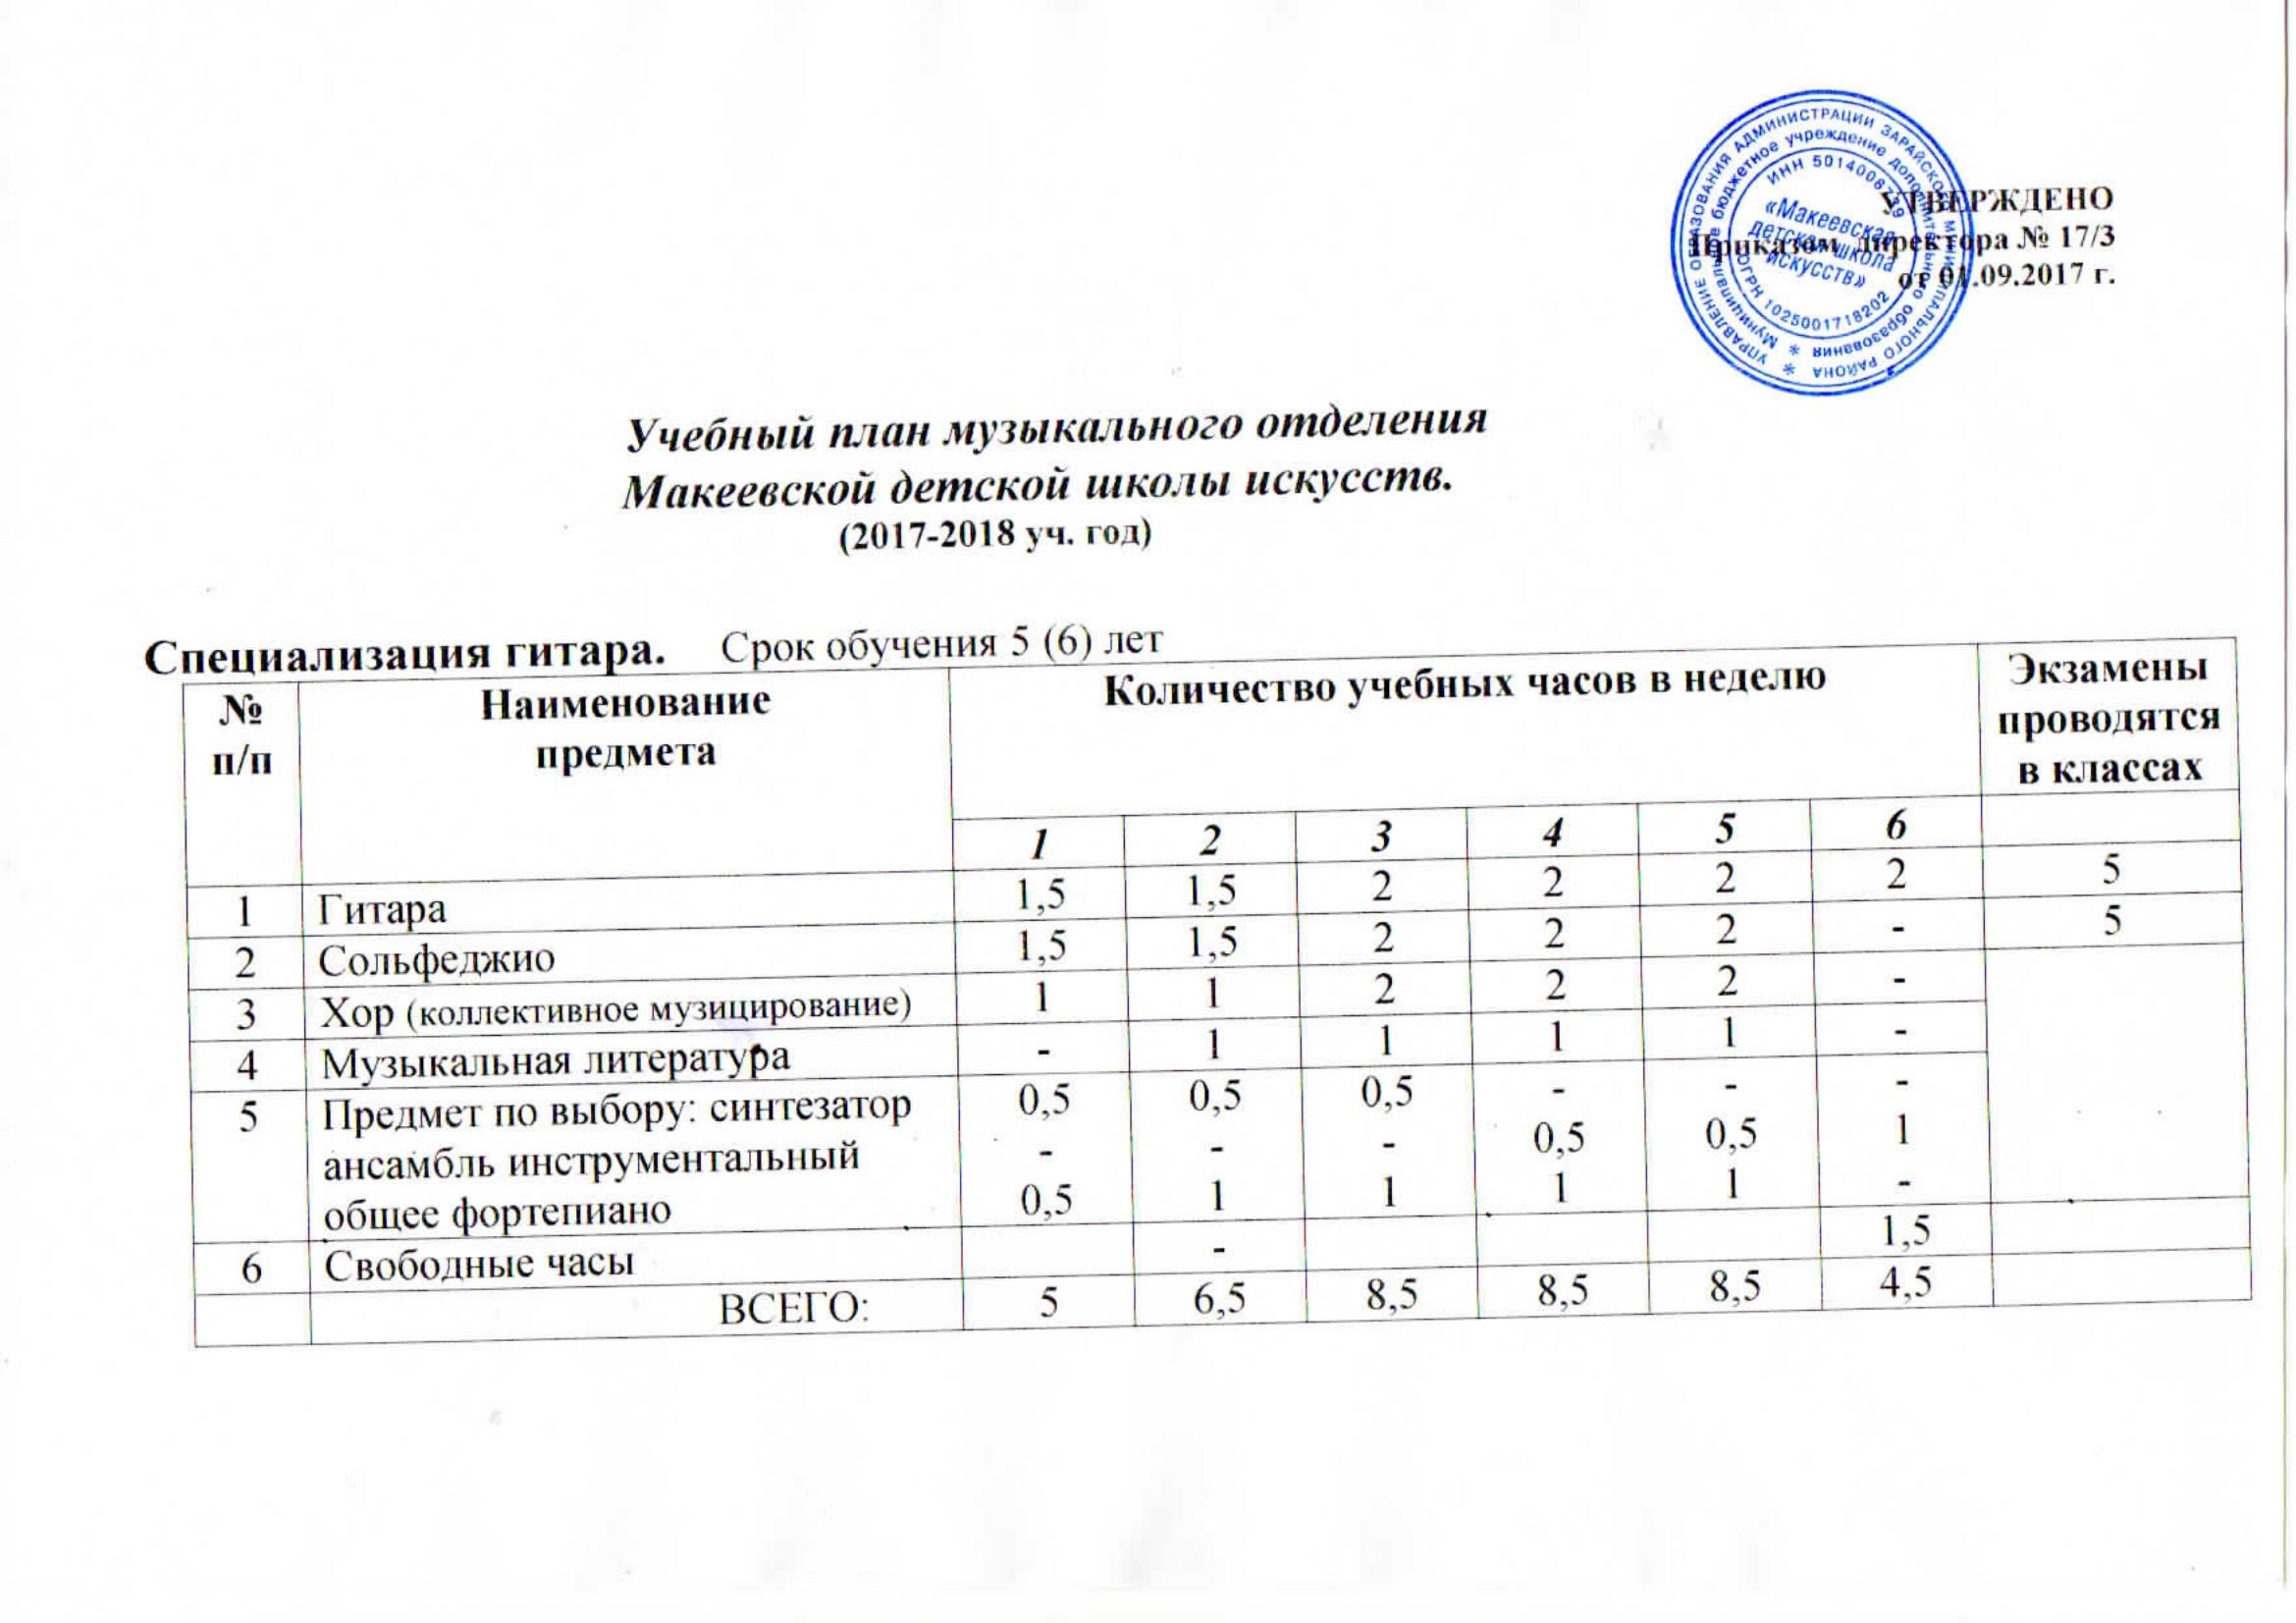 Z_САЙТ_scan110